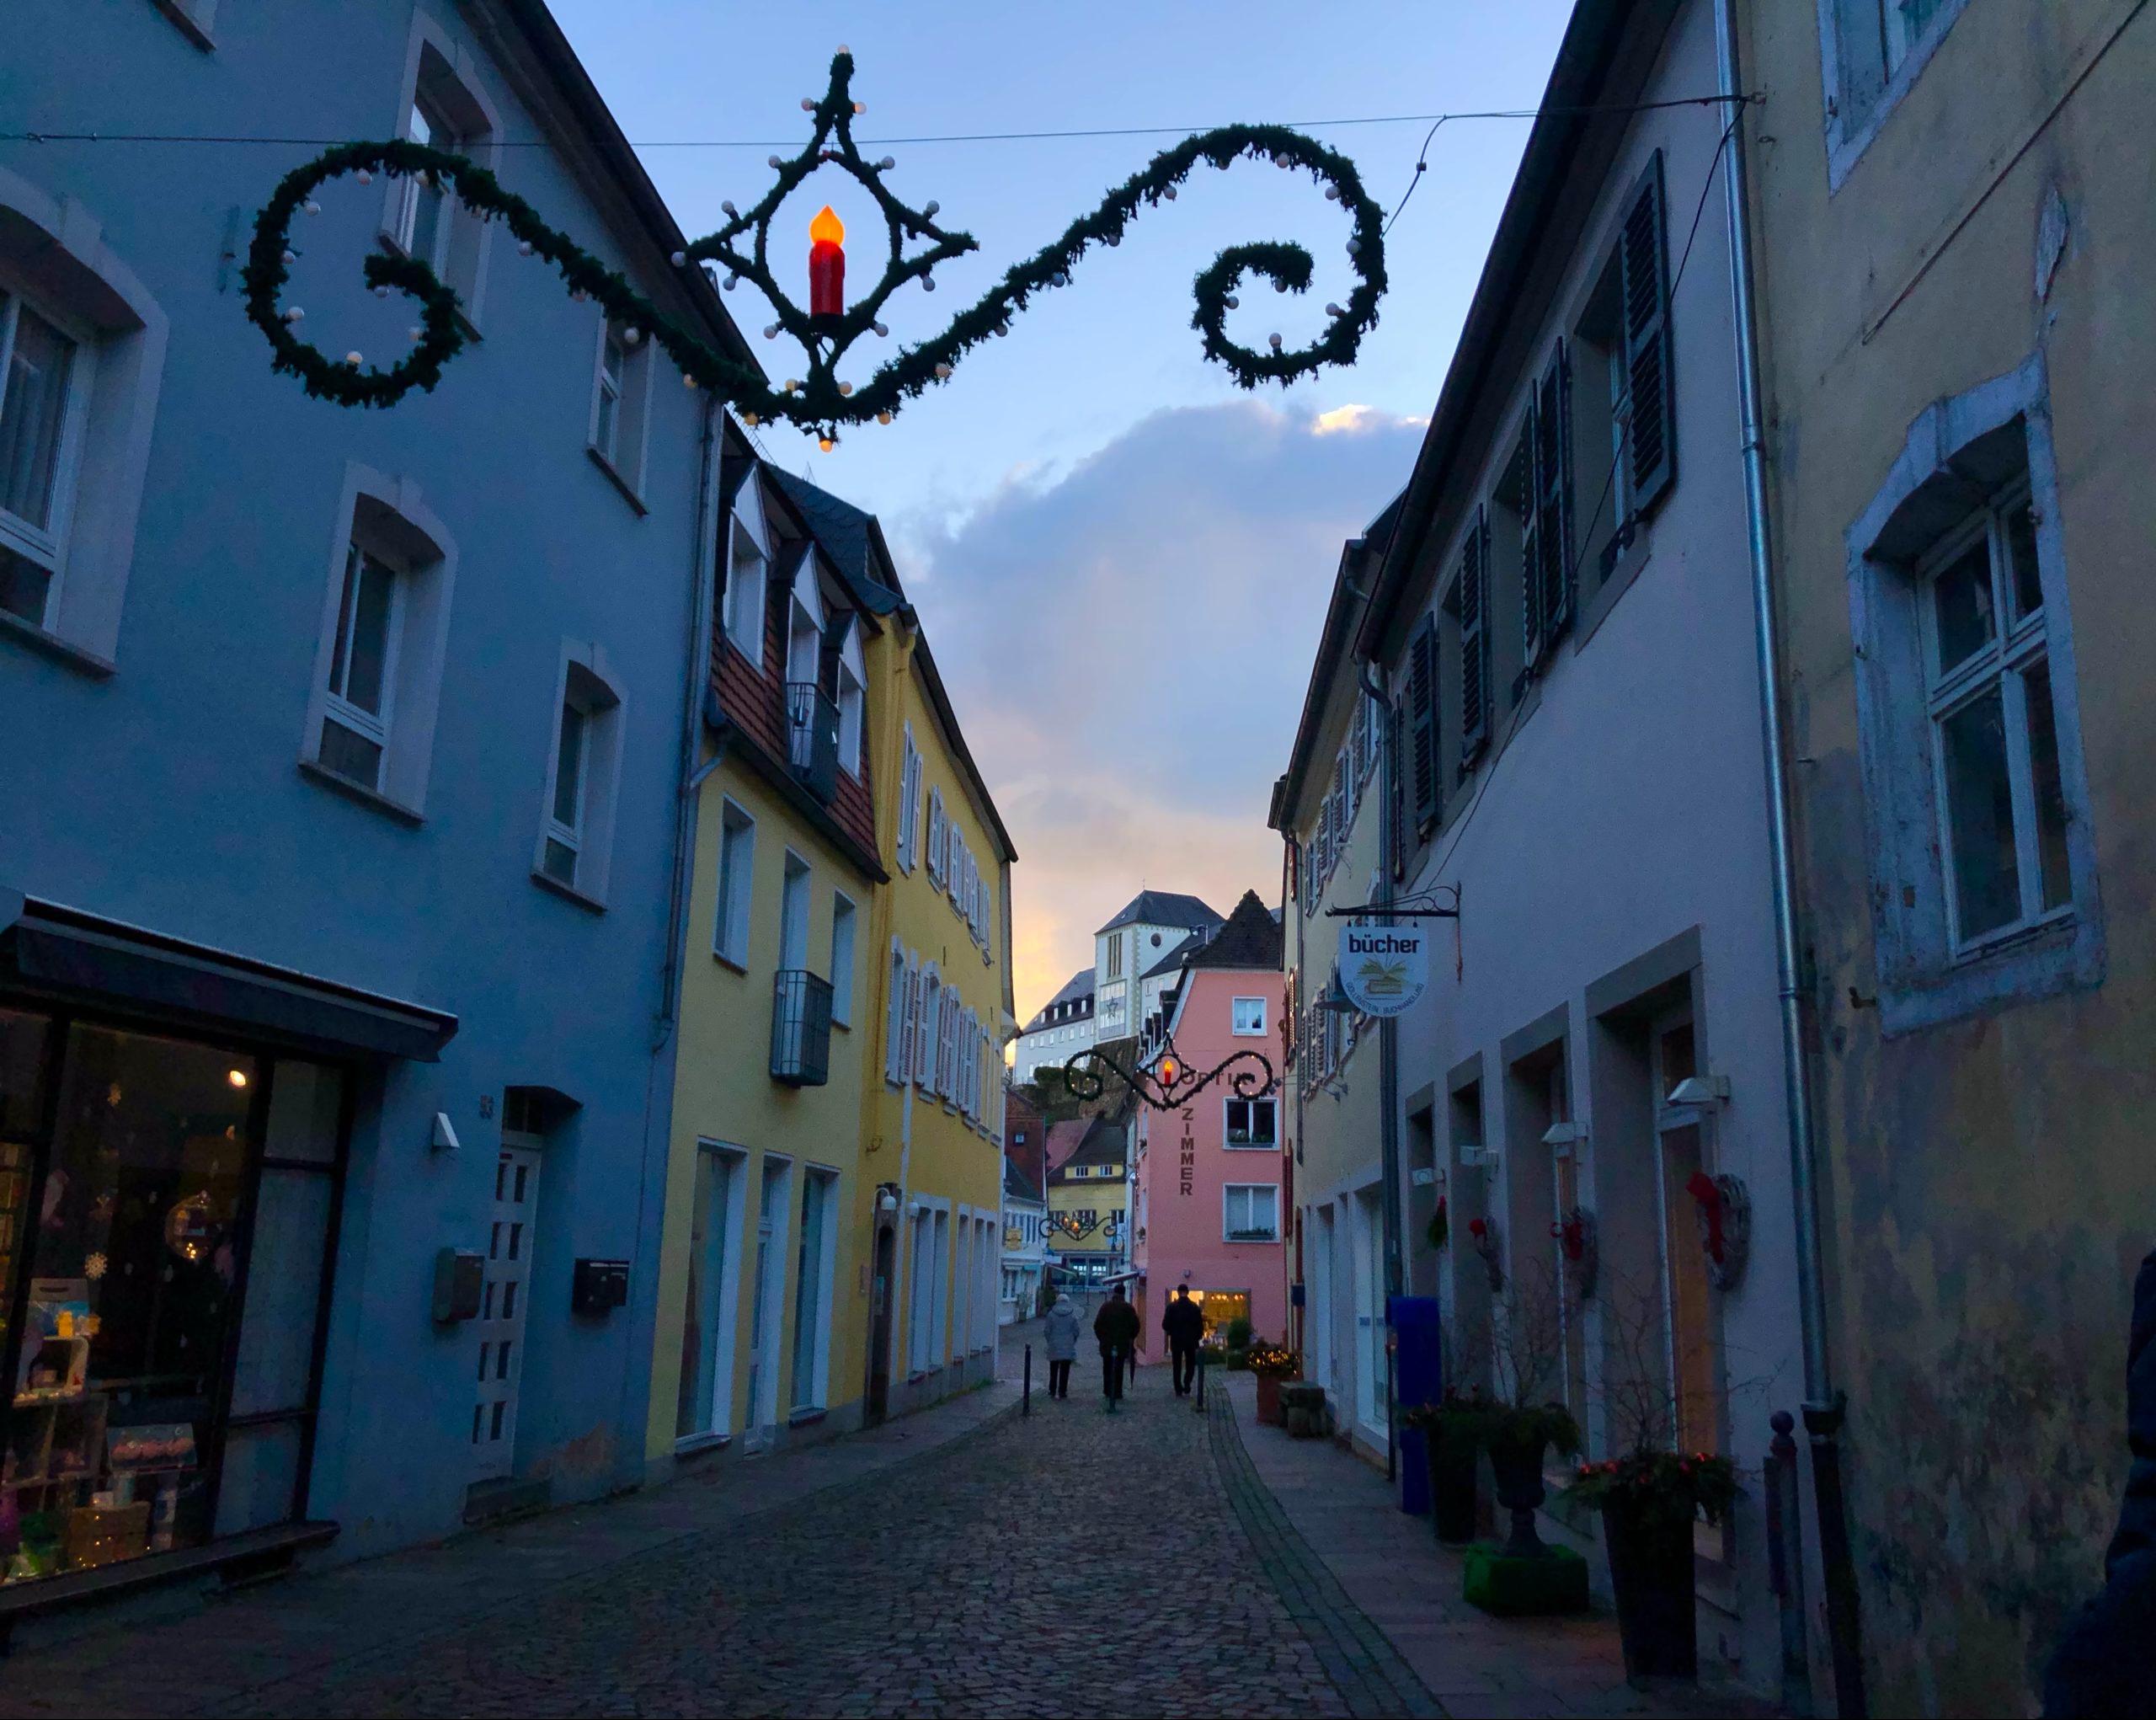 Schmale Straße mit farbenfrohen Häusern in Blieskastel